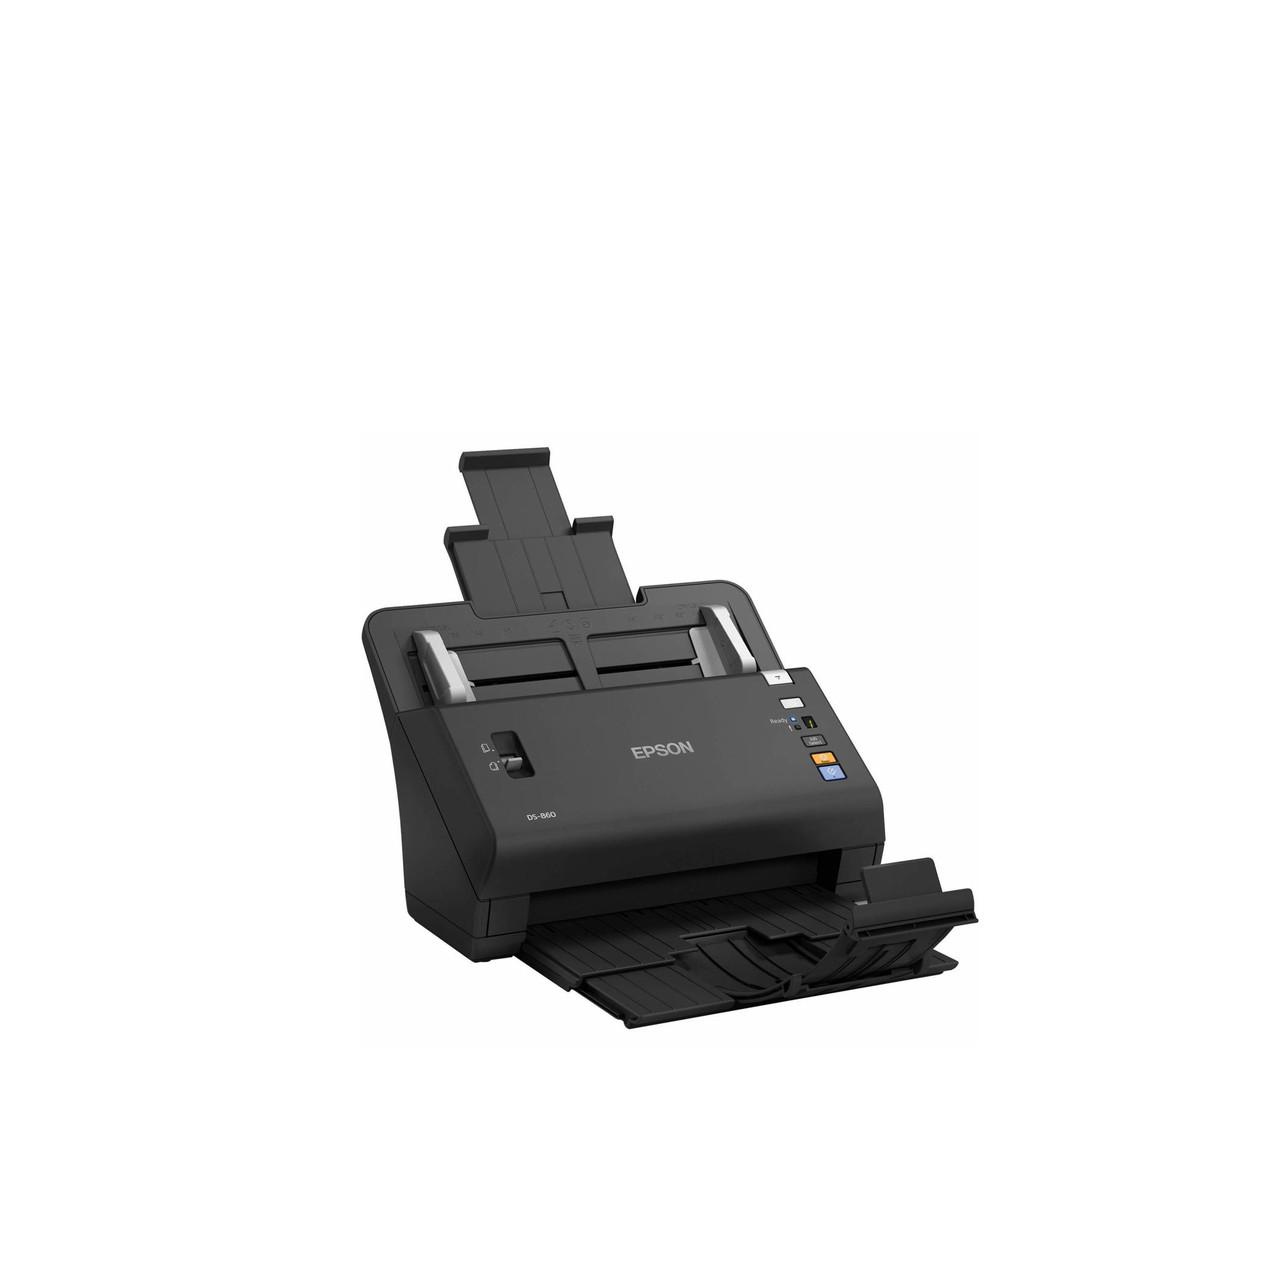 Скоростной | протяжный сканер Epson WorkForce DS-860N (А4 USB Ethernet) B11B222401BT